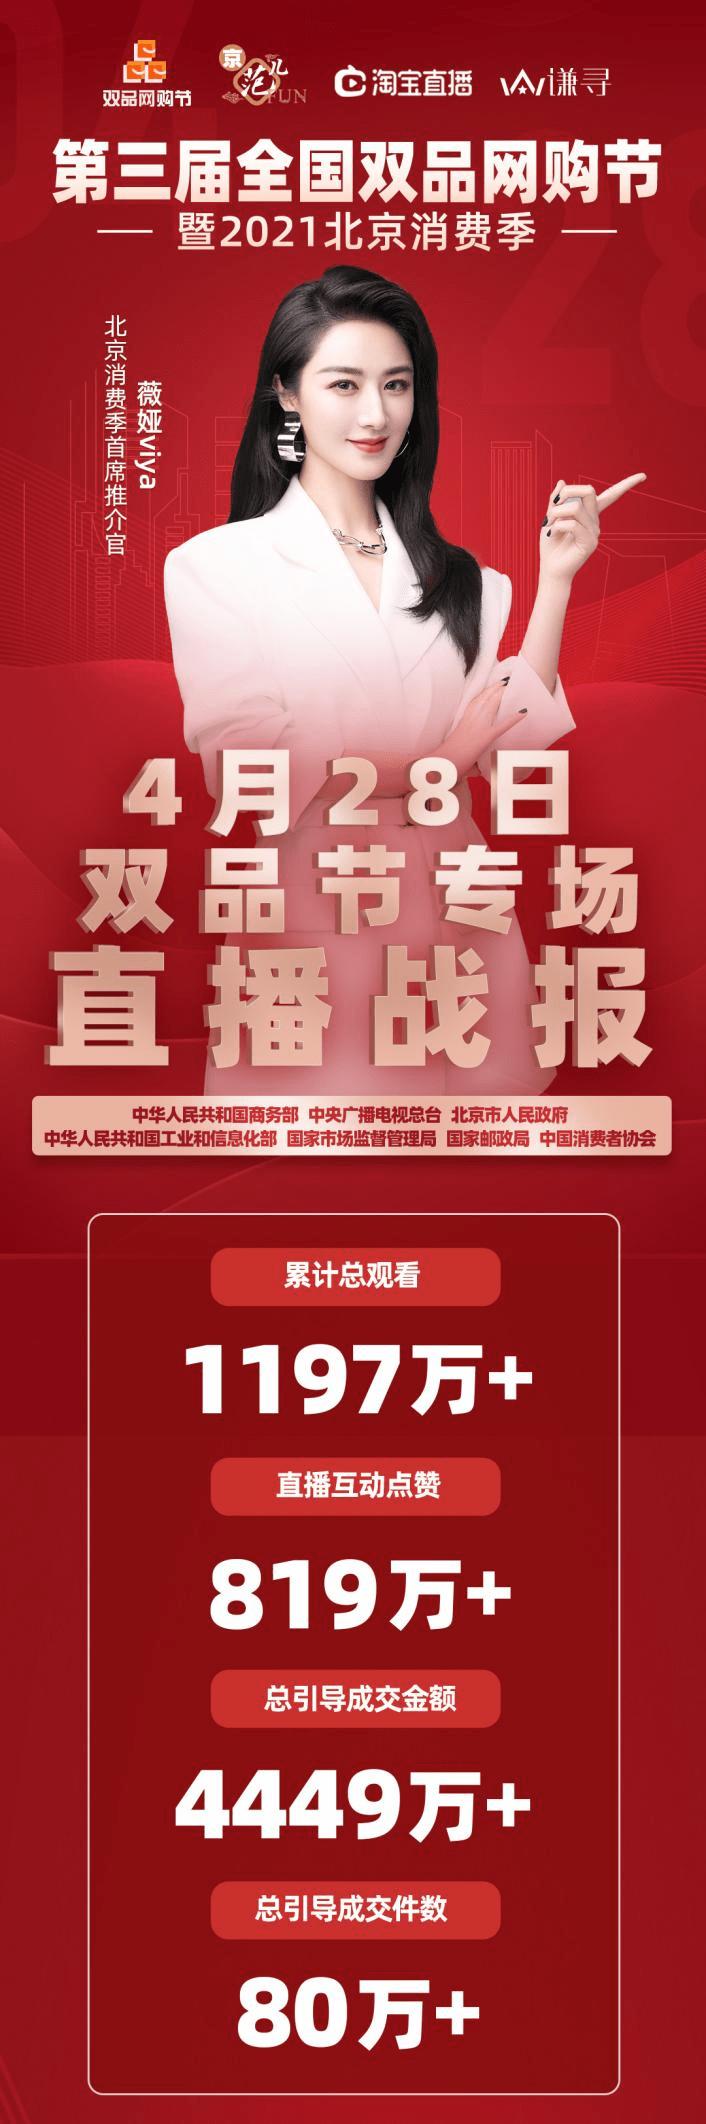 谦寻斩获 2021淘宝直播盛典26项大奖,当晚商务部再度携手薇娅直播间